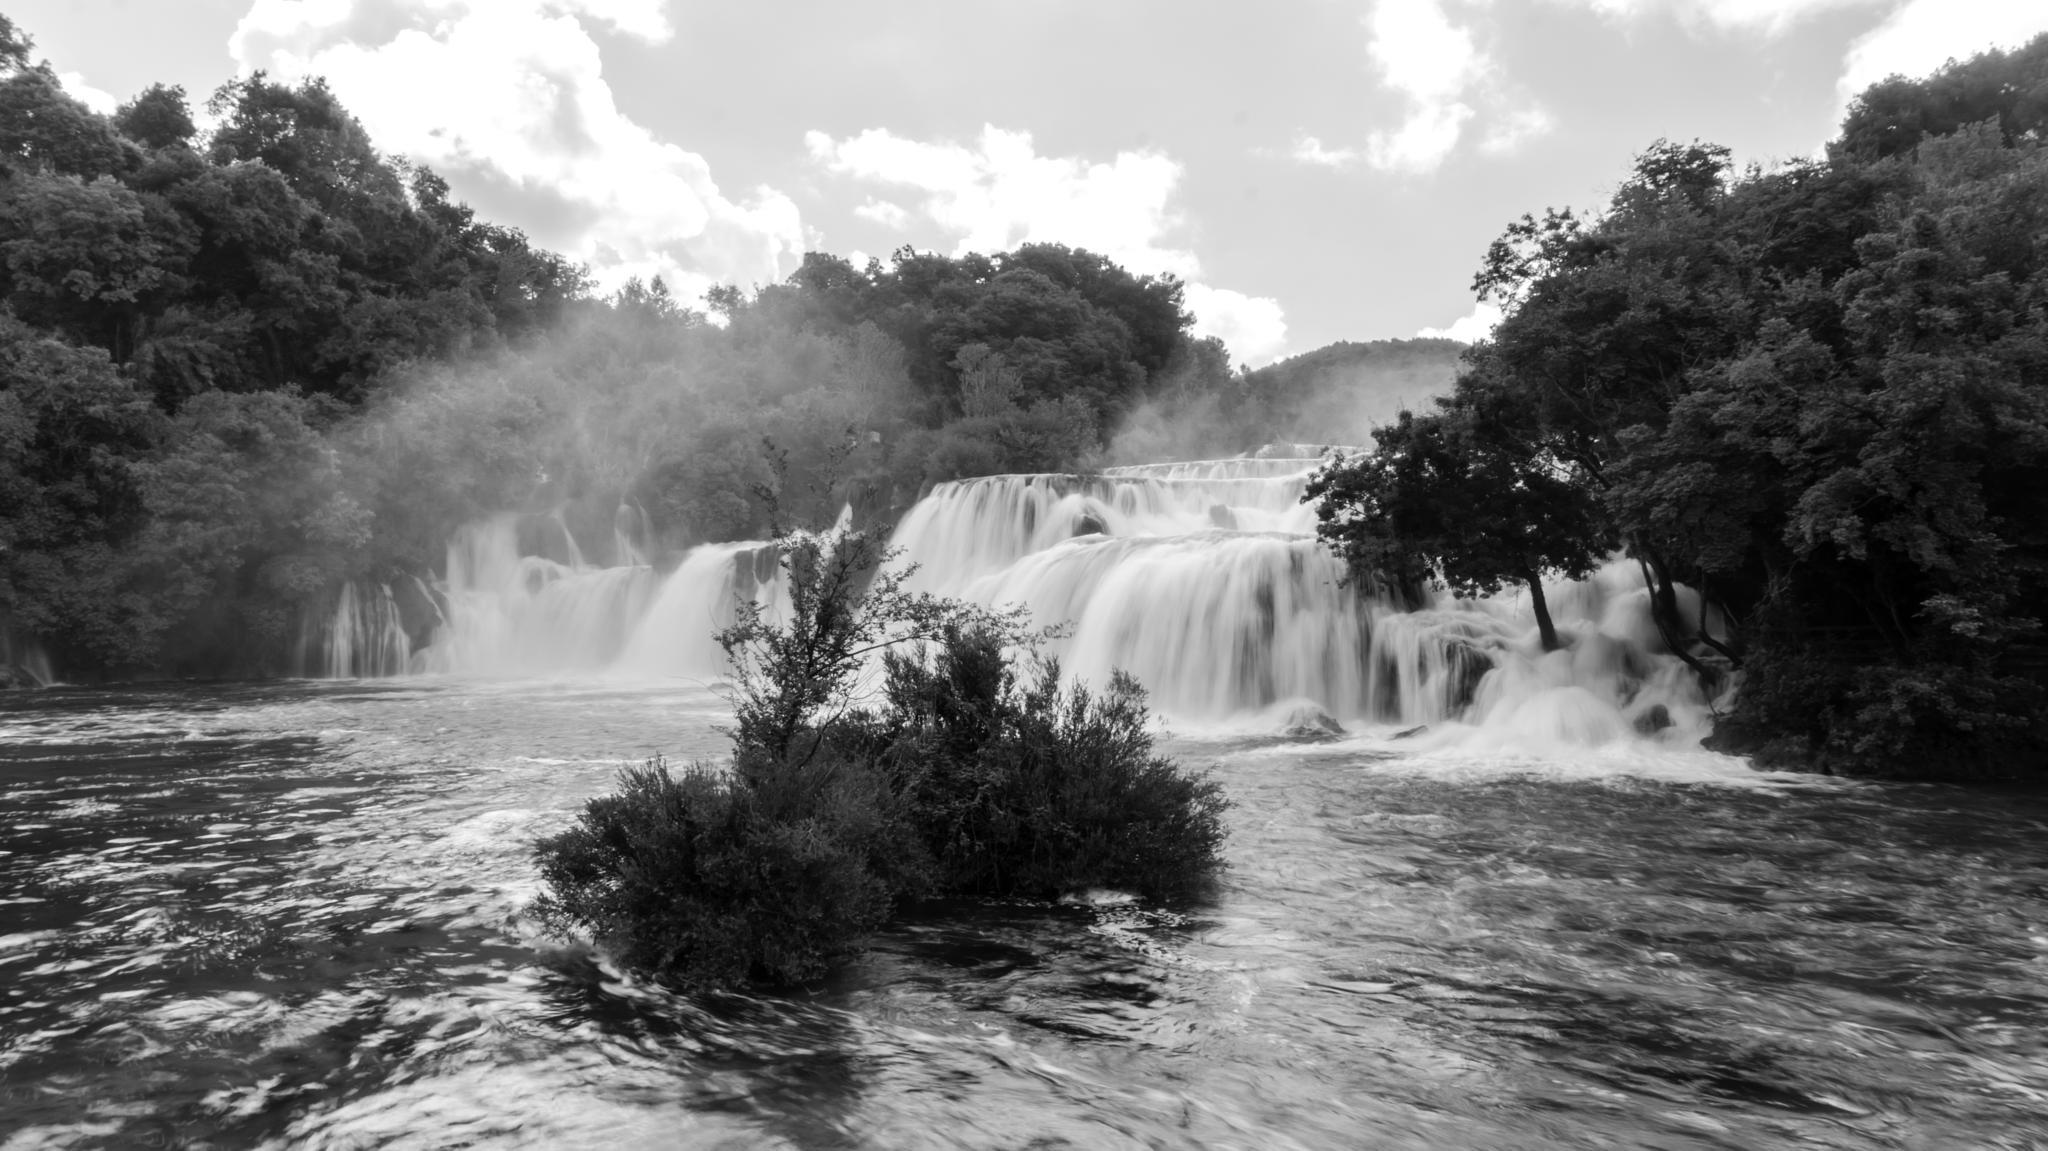 Waterfall 2 B&W by Steve Garratt